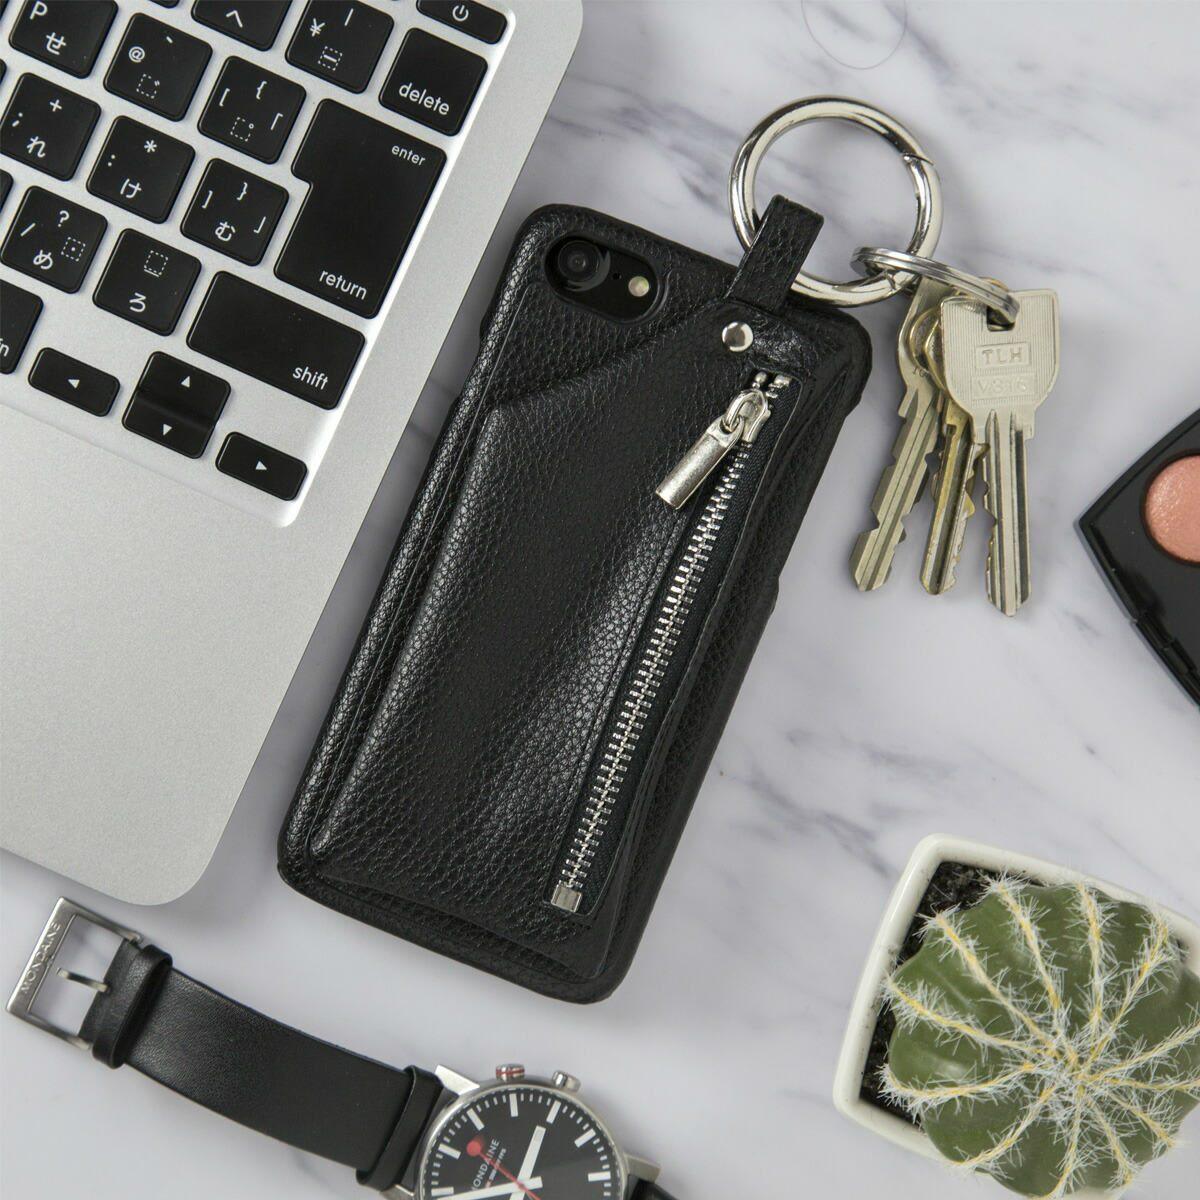 アイフォン6/6s/7/8/7Plues/8Plus iPhone6/6s/7/8/7Plus/8Plus コインケース付きレザーケース | スマホ ケース スマホ カバー 財布ケース 財布 財布付き 財布一体型 レザーケース アイフォン iphone6 iphone7 スマフォケース スマホカバー 携帯ケース 携帯カバー